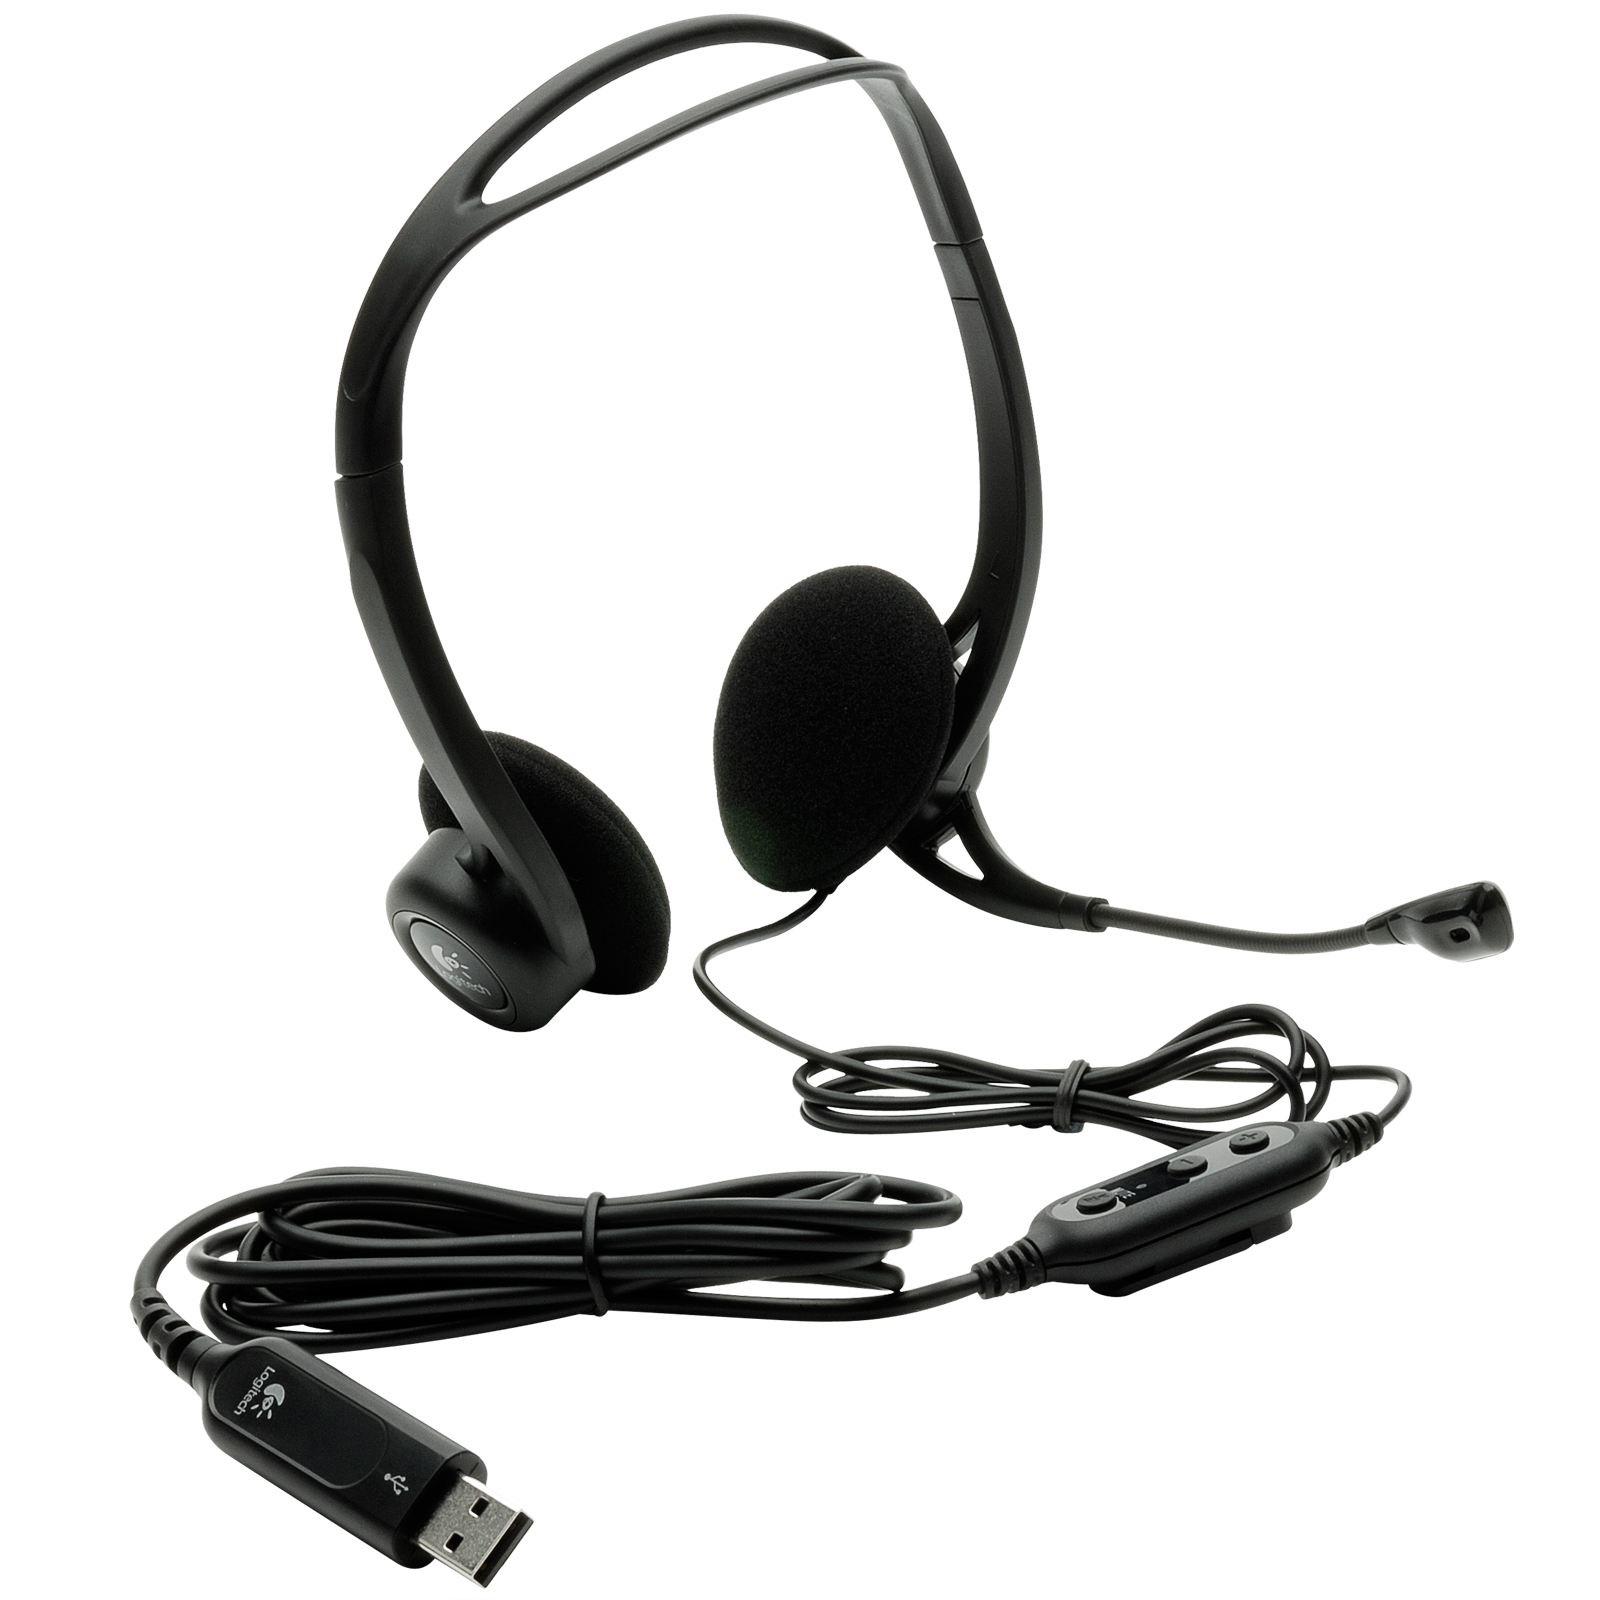 Logitech 960 fekete USB headset (981-000100) 2228f14b56